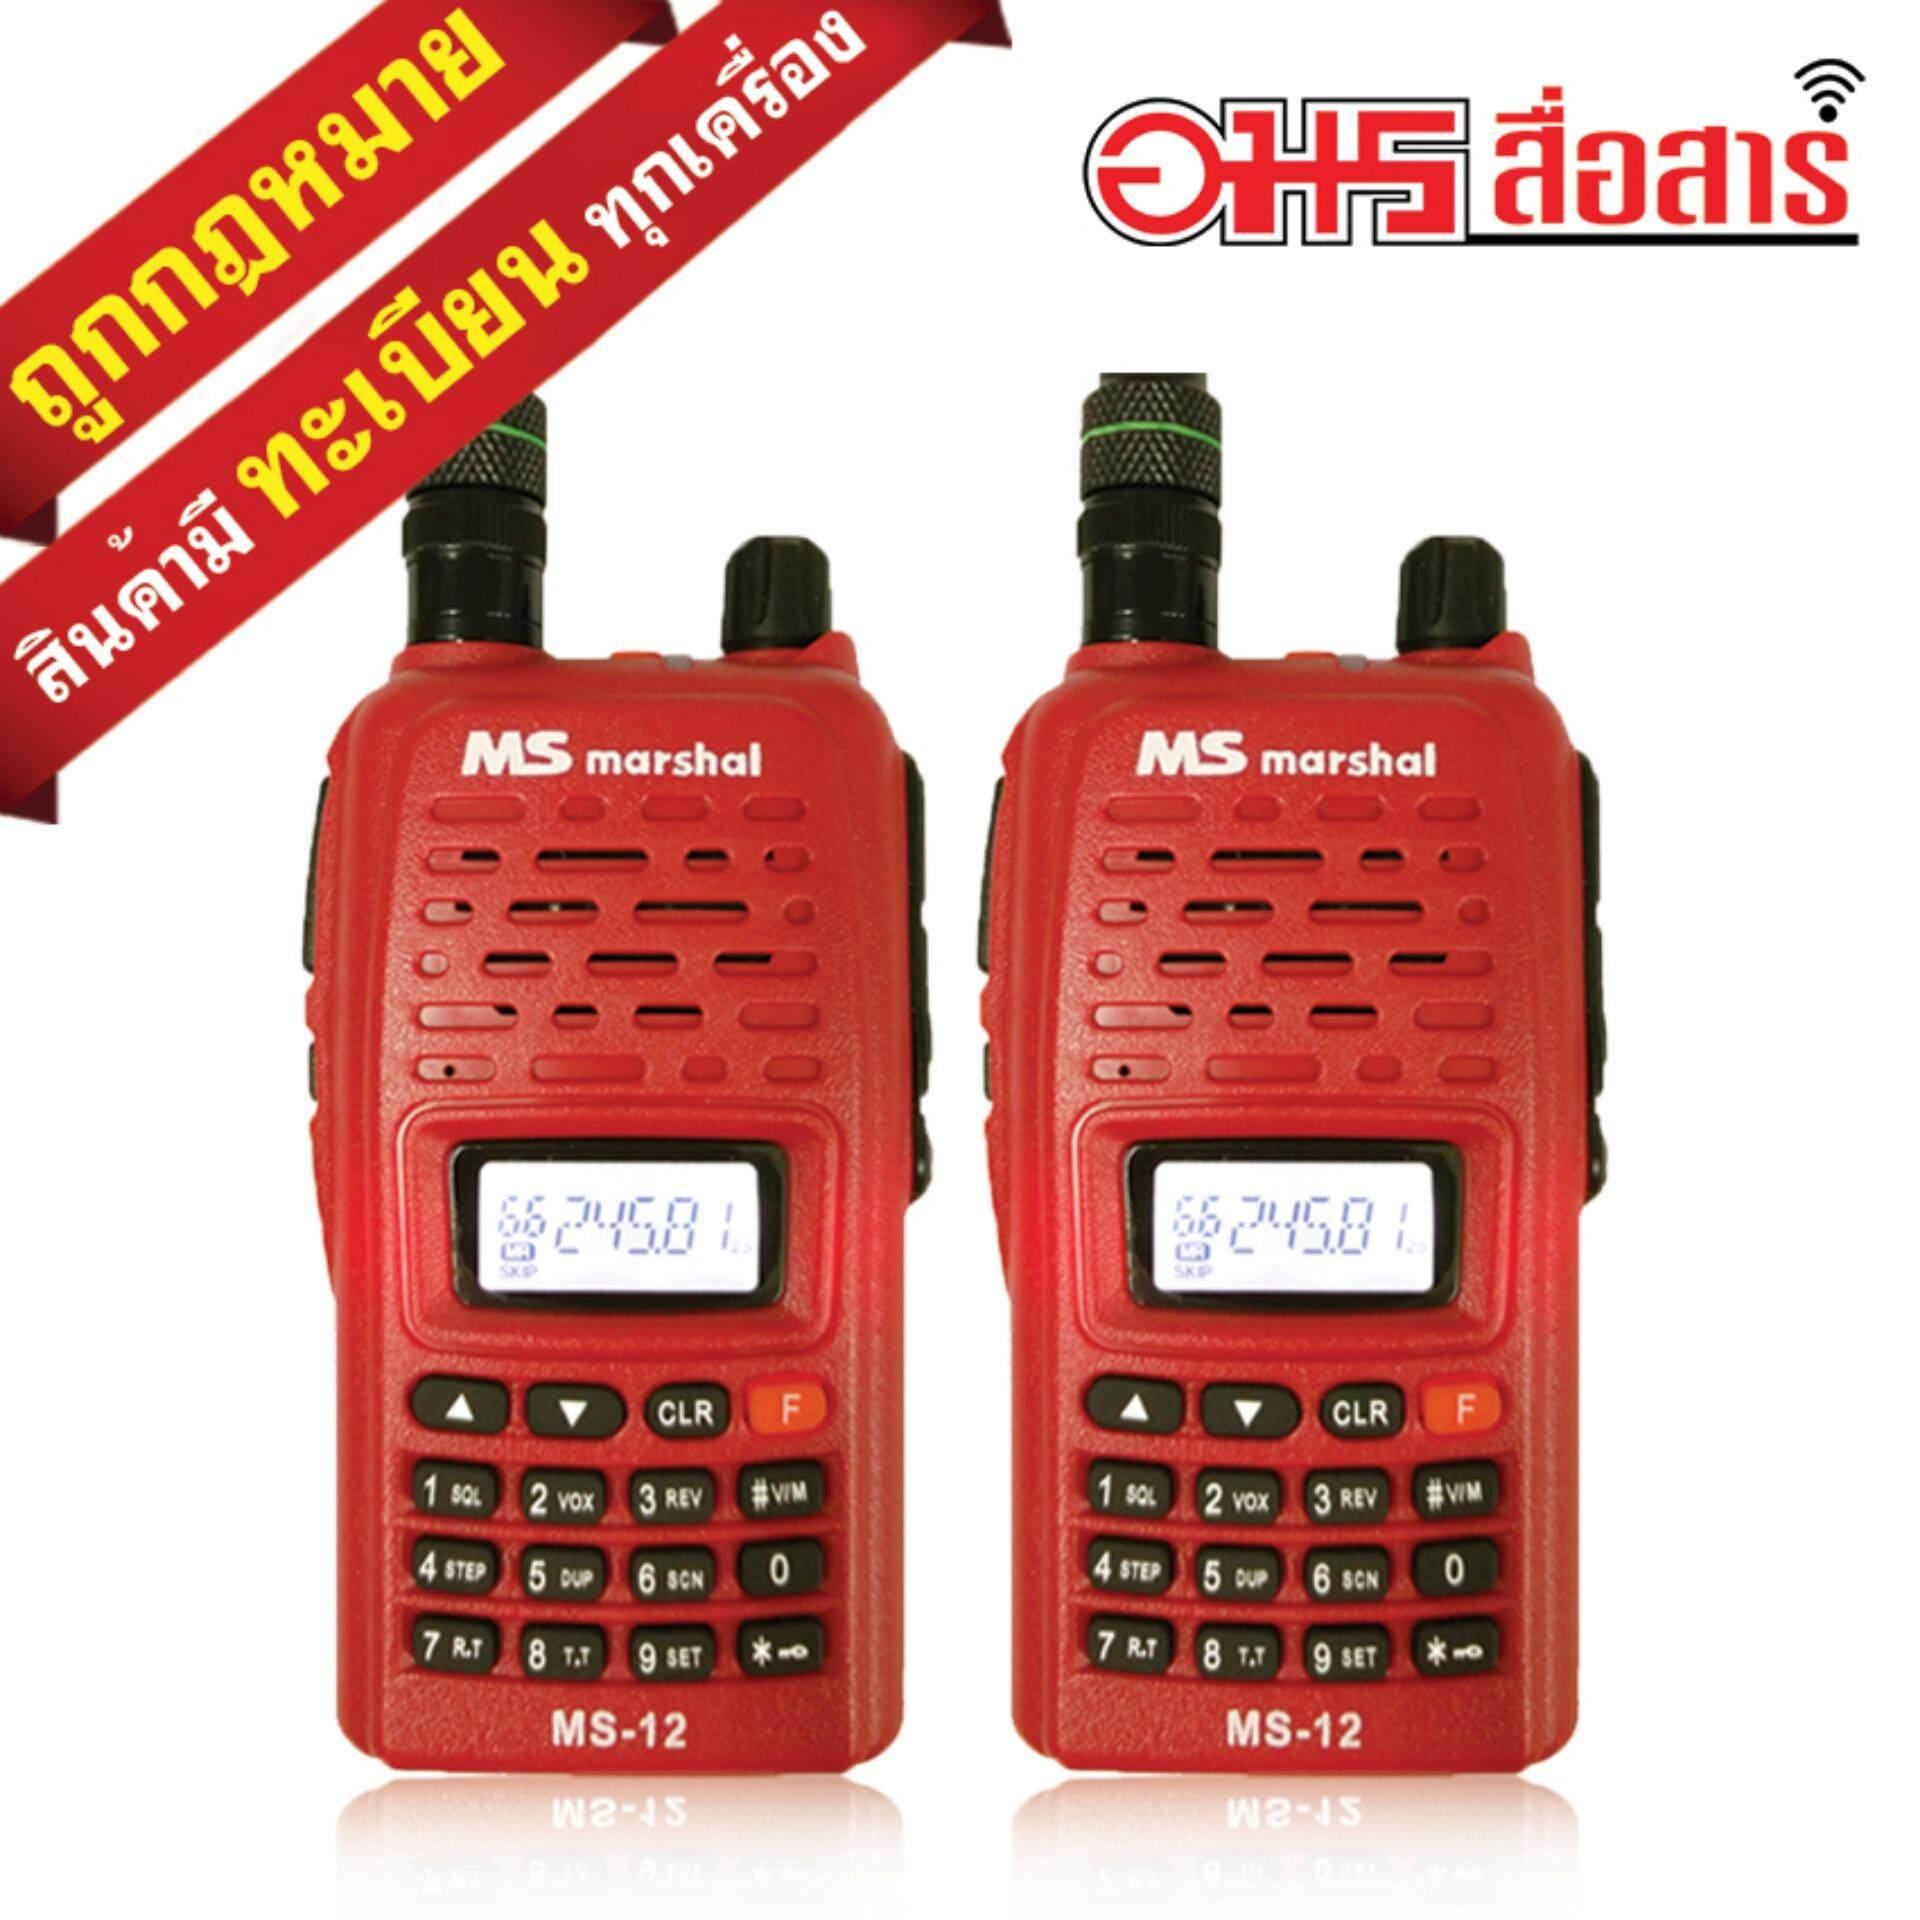 MS MARSHAL วิทยุสื่อสาร 5W MS-12  สีแดง แพ็คคู่ WALKIE TALKIE walkie-talkie อมรสื่อสาร